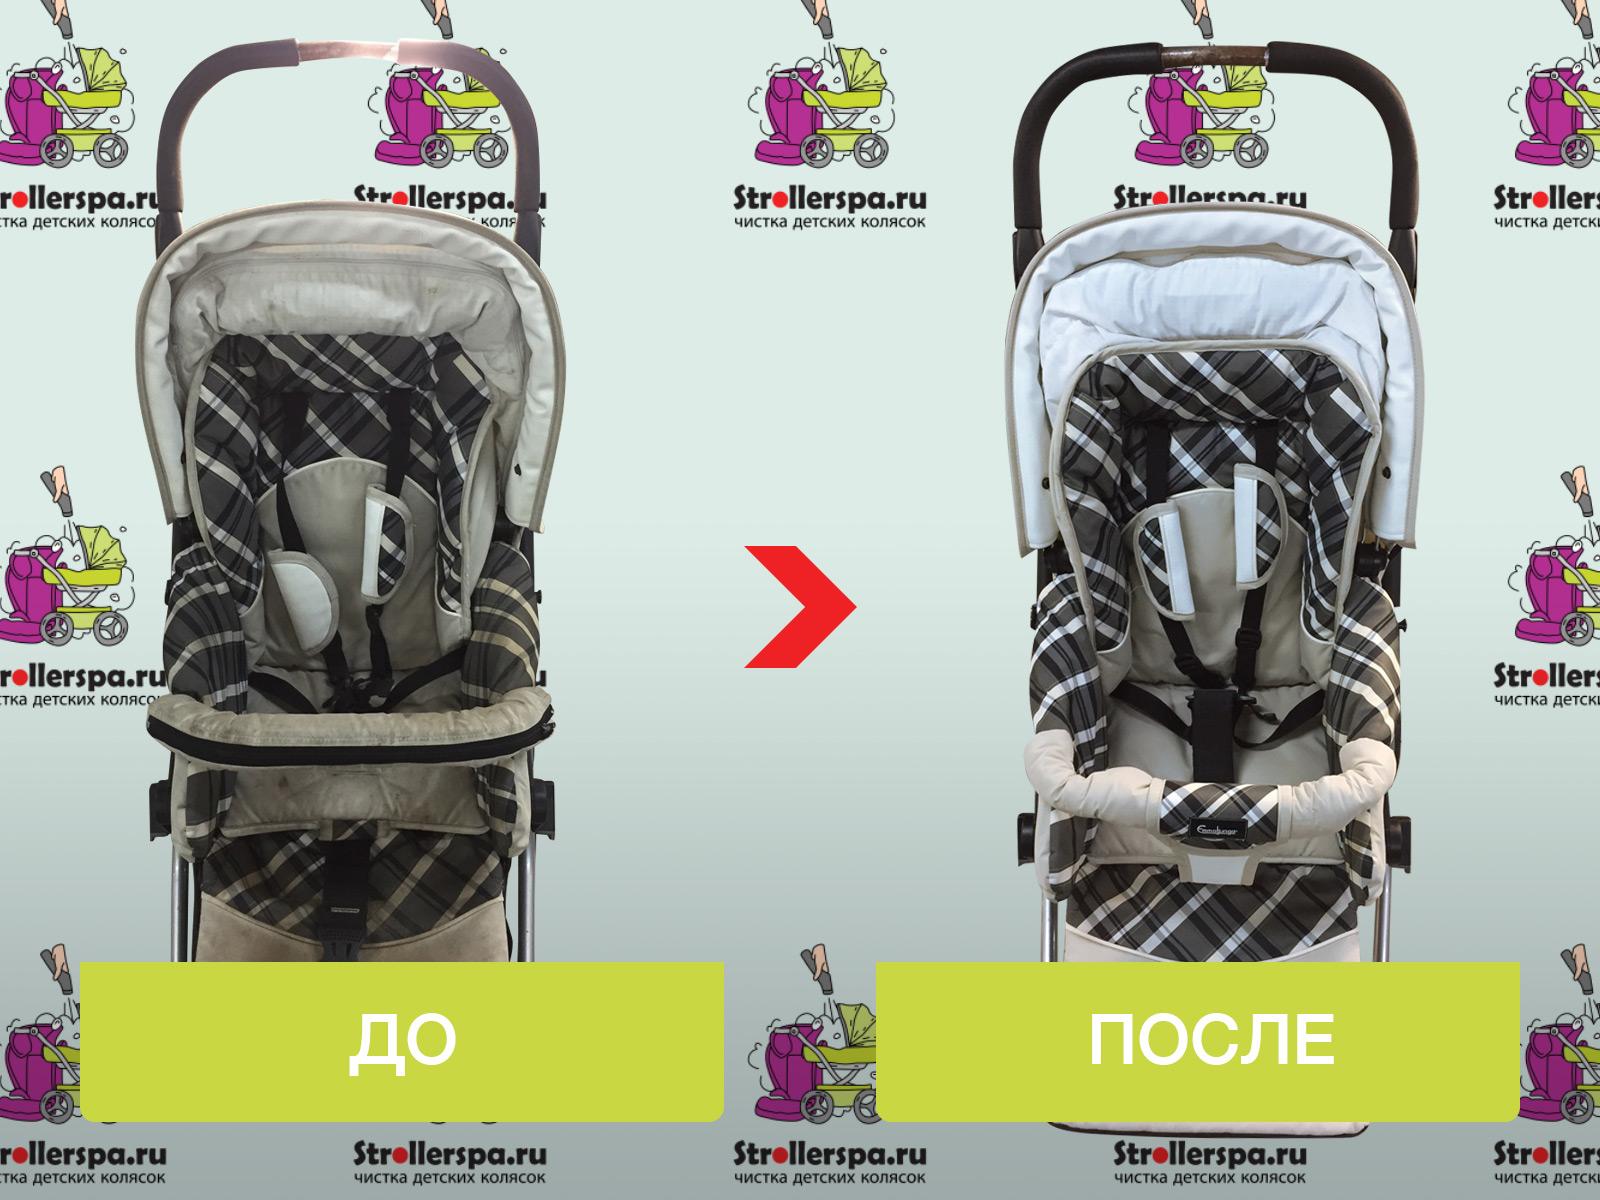 fotografiya-Himchistka-kolyasok-strollerspa